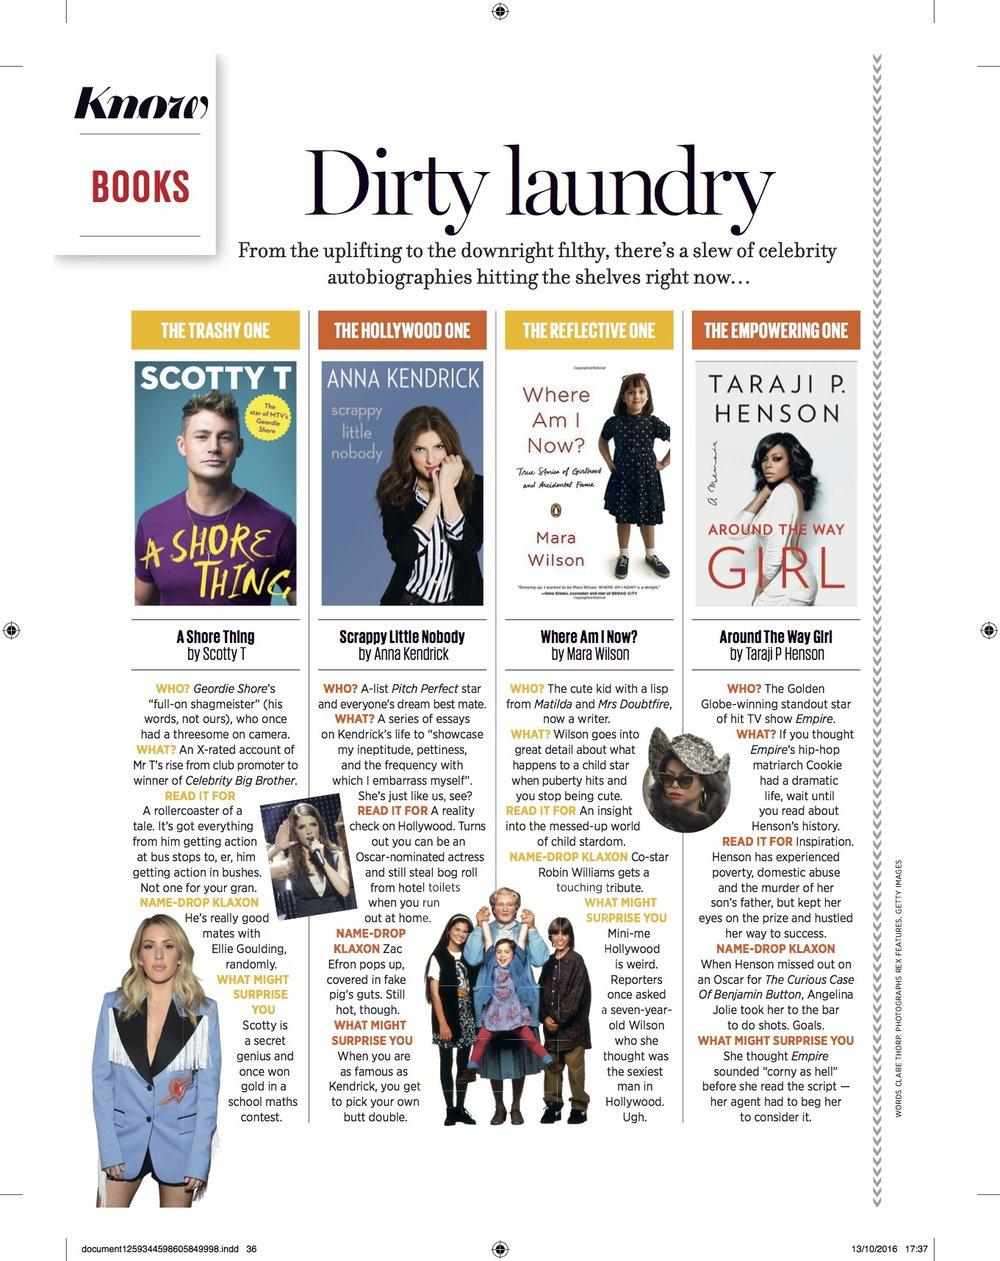 Cosmopolitan celebrity books.jpg